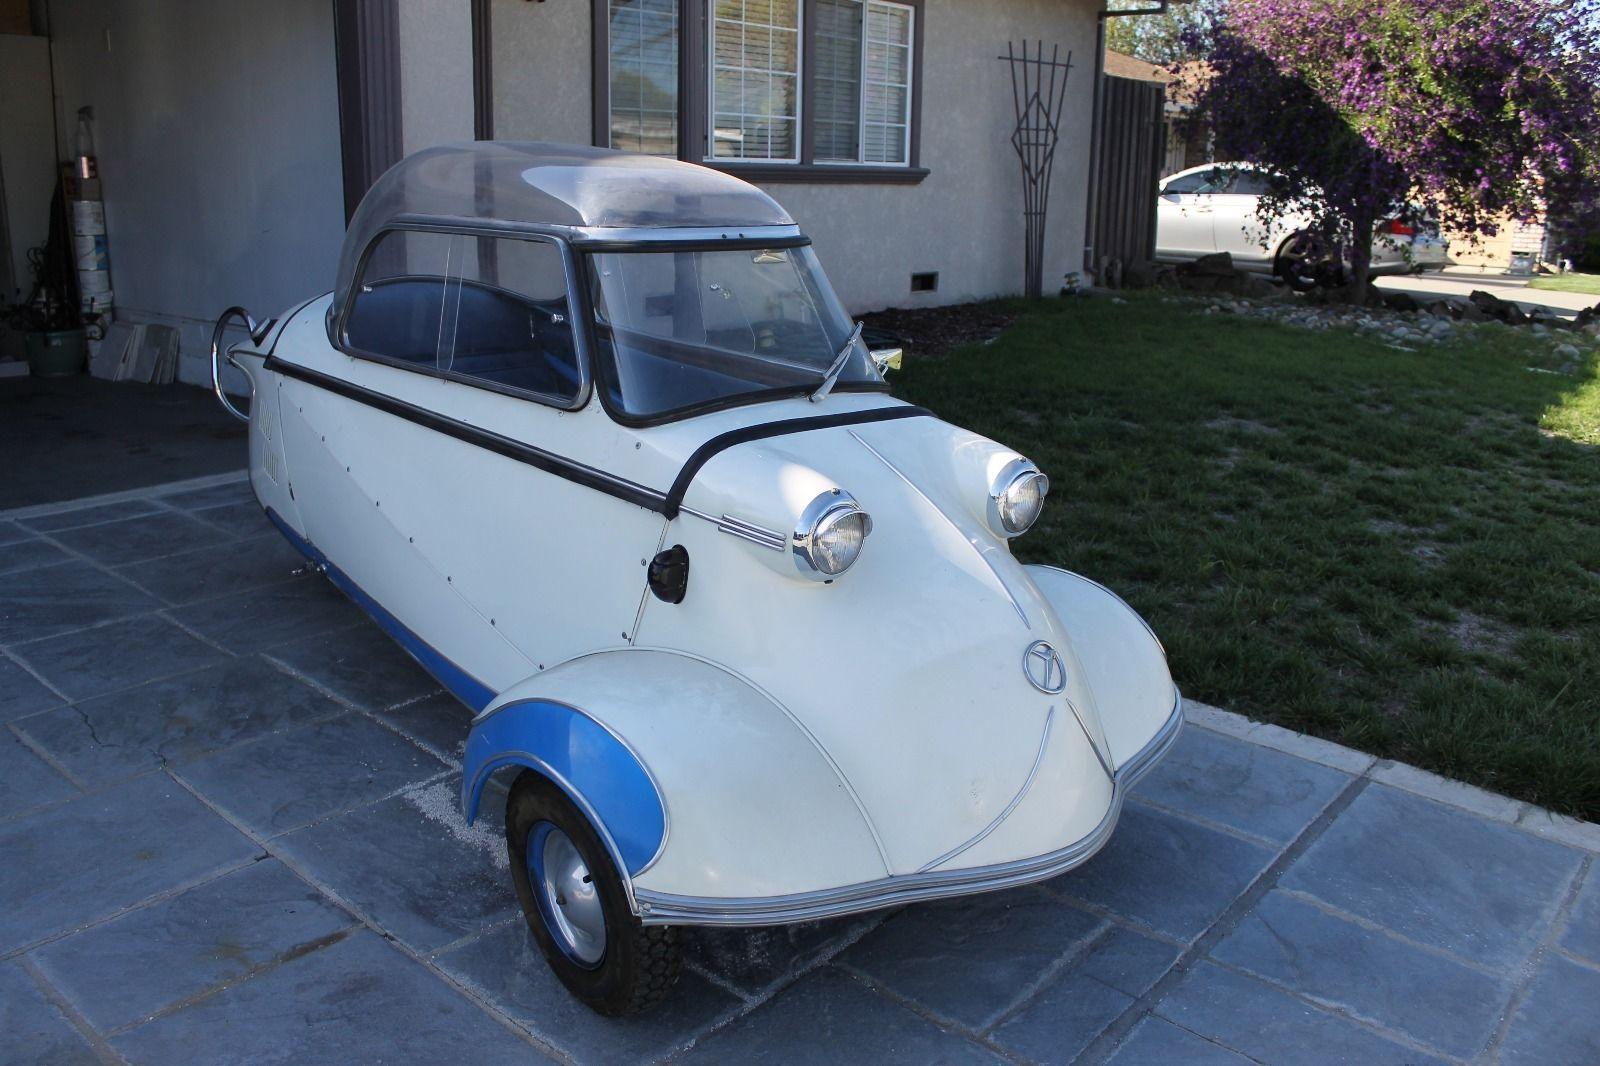 1955 Messerschmitt K 200 | Strange cars for sale | Pinterest | Motor ...